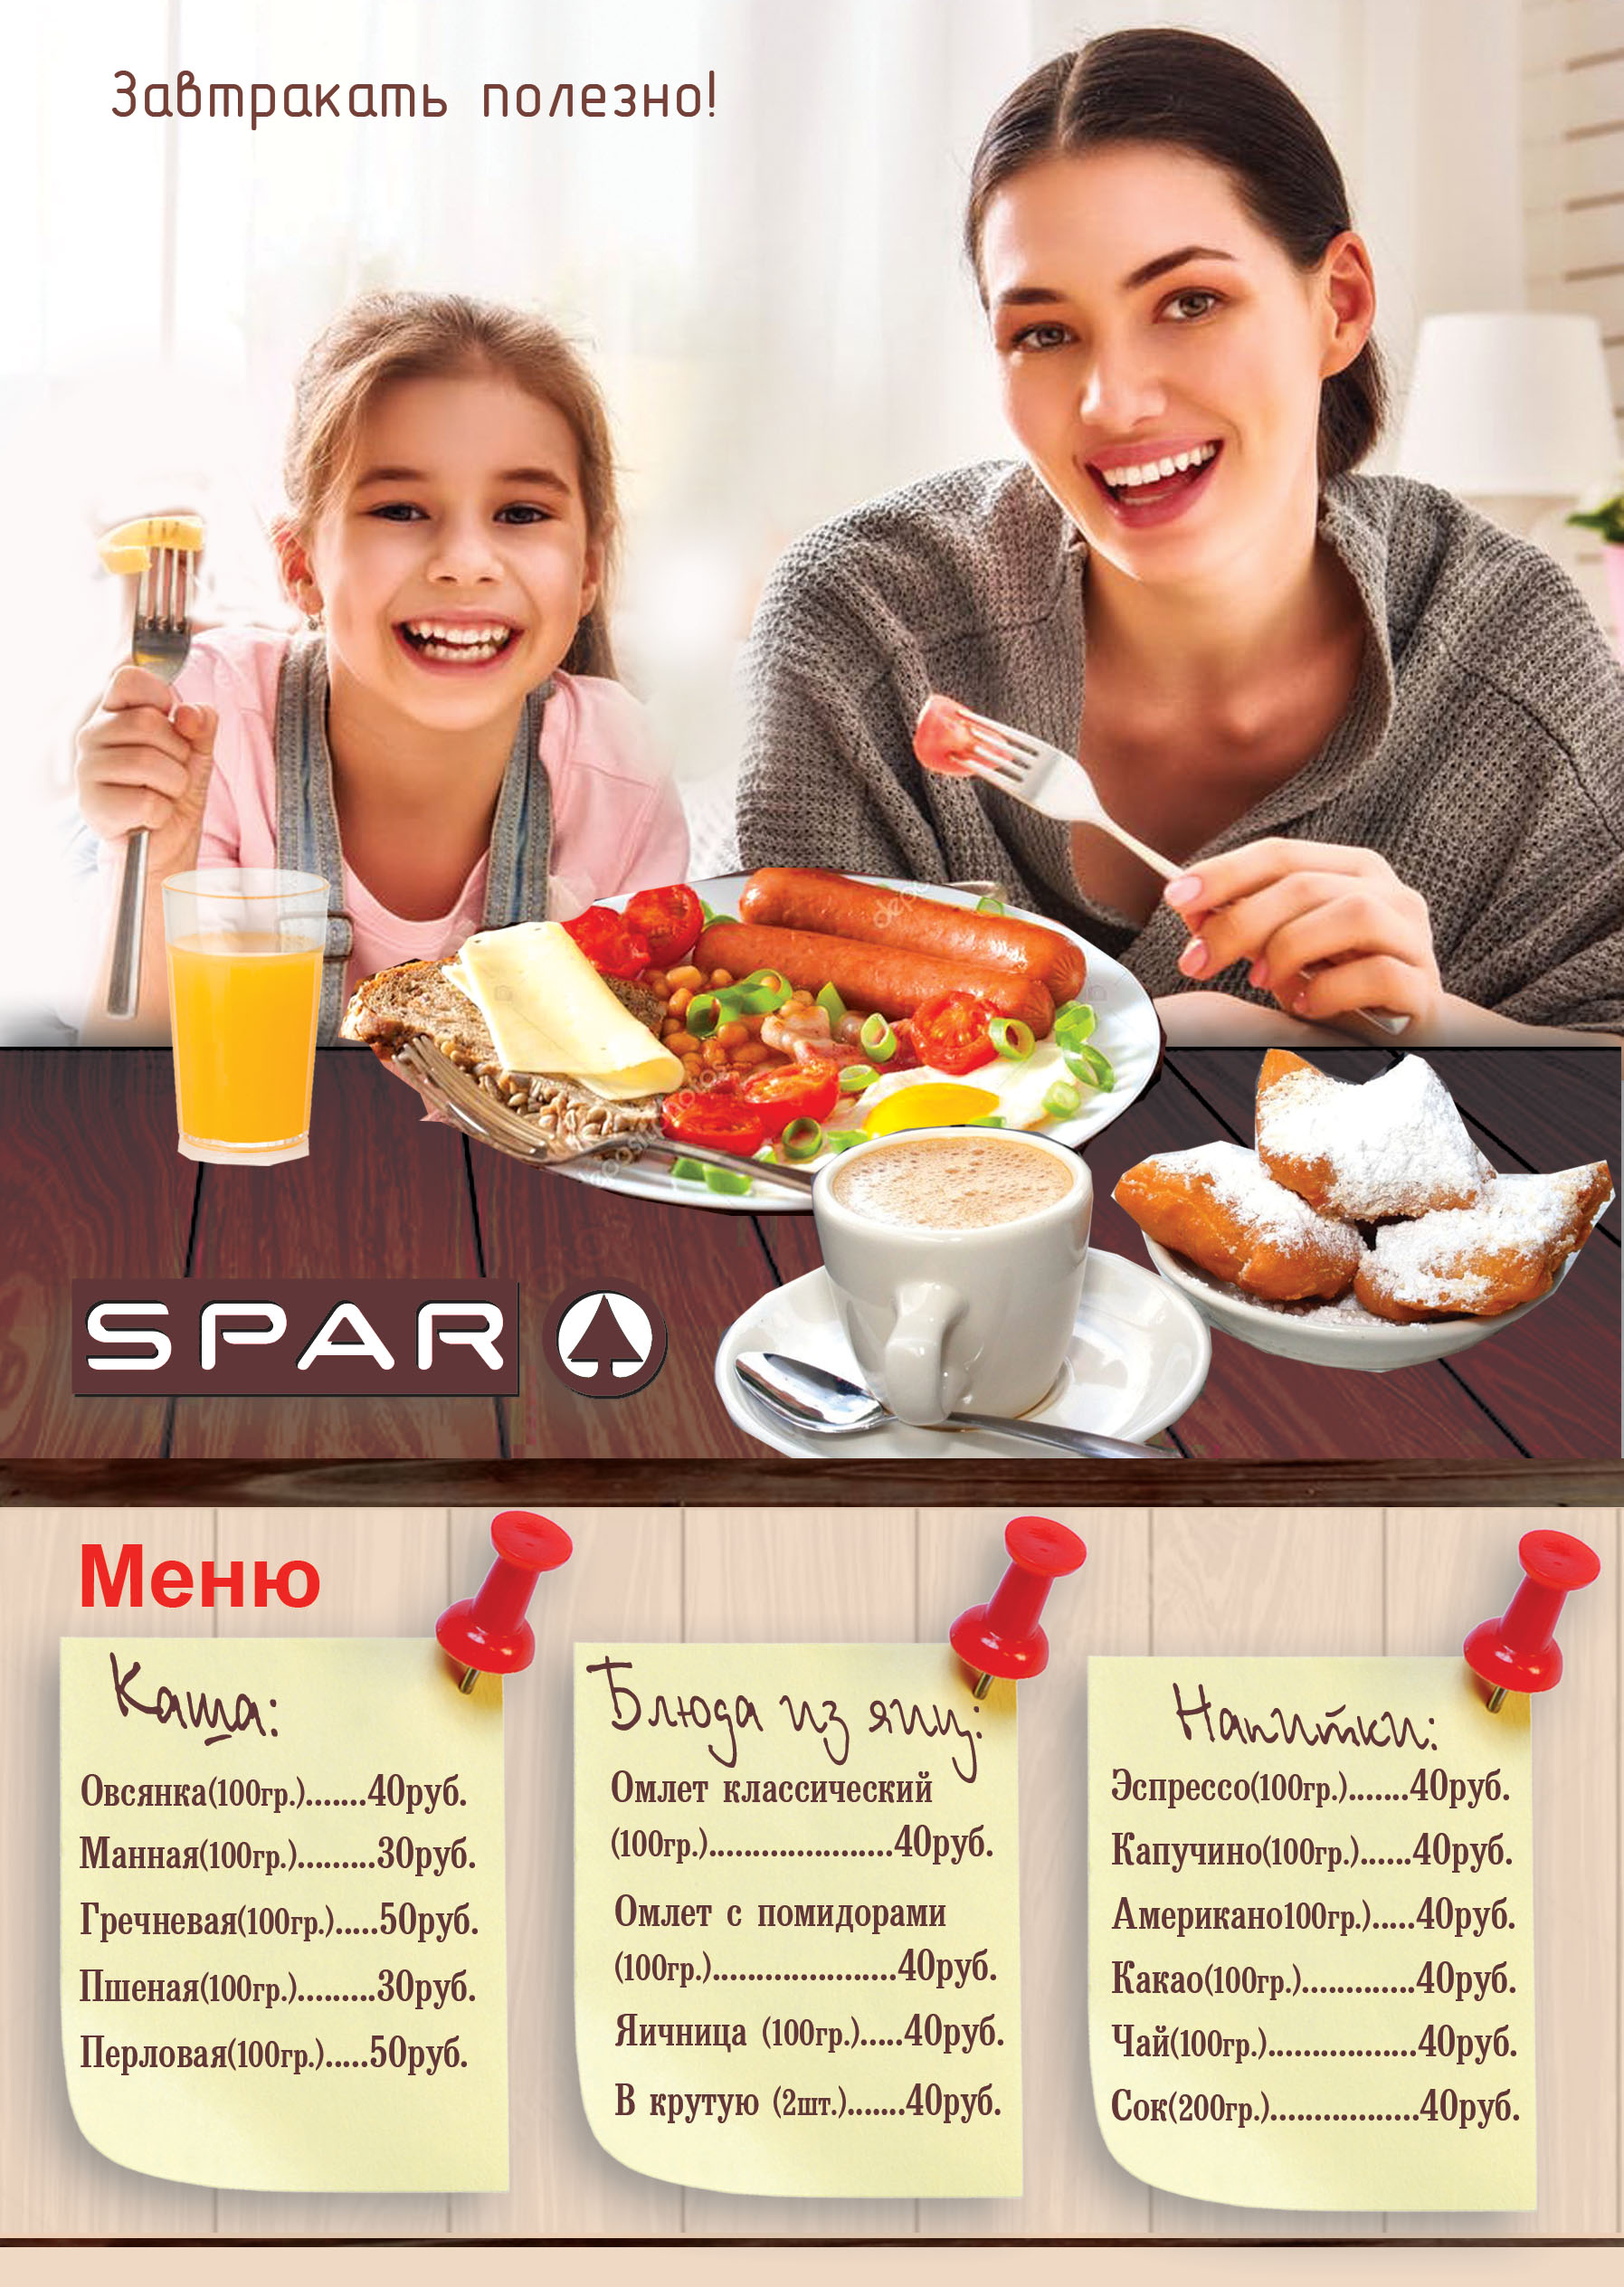 Дизайн листовки для магазина SPAR фото f_3505cb5d098a9cda.jpg